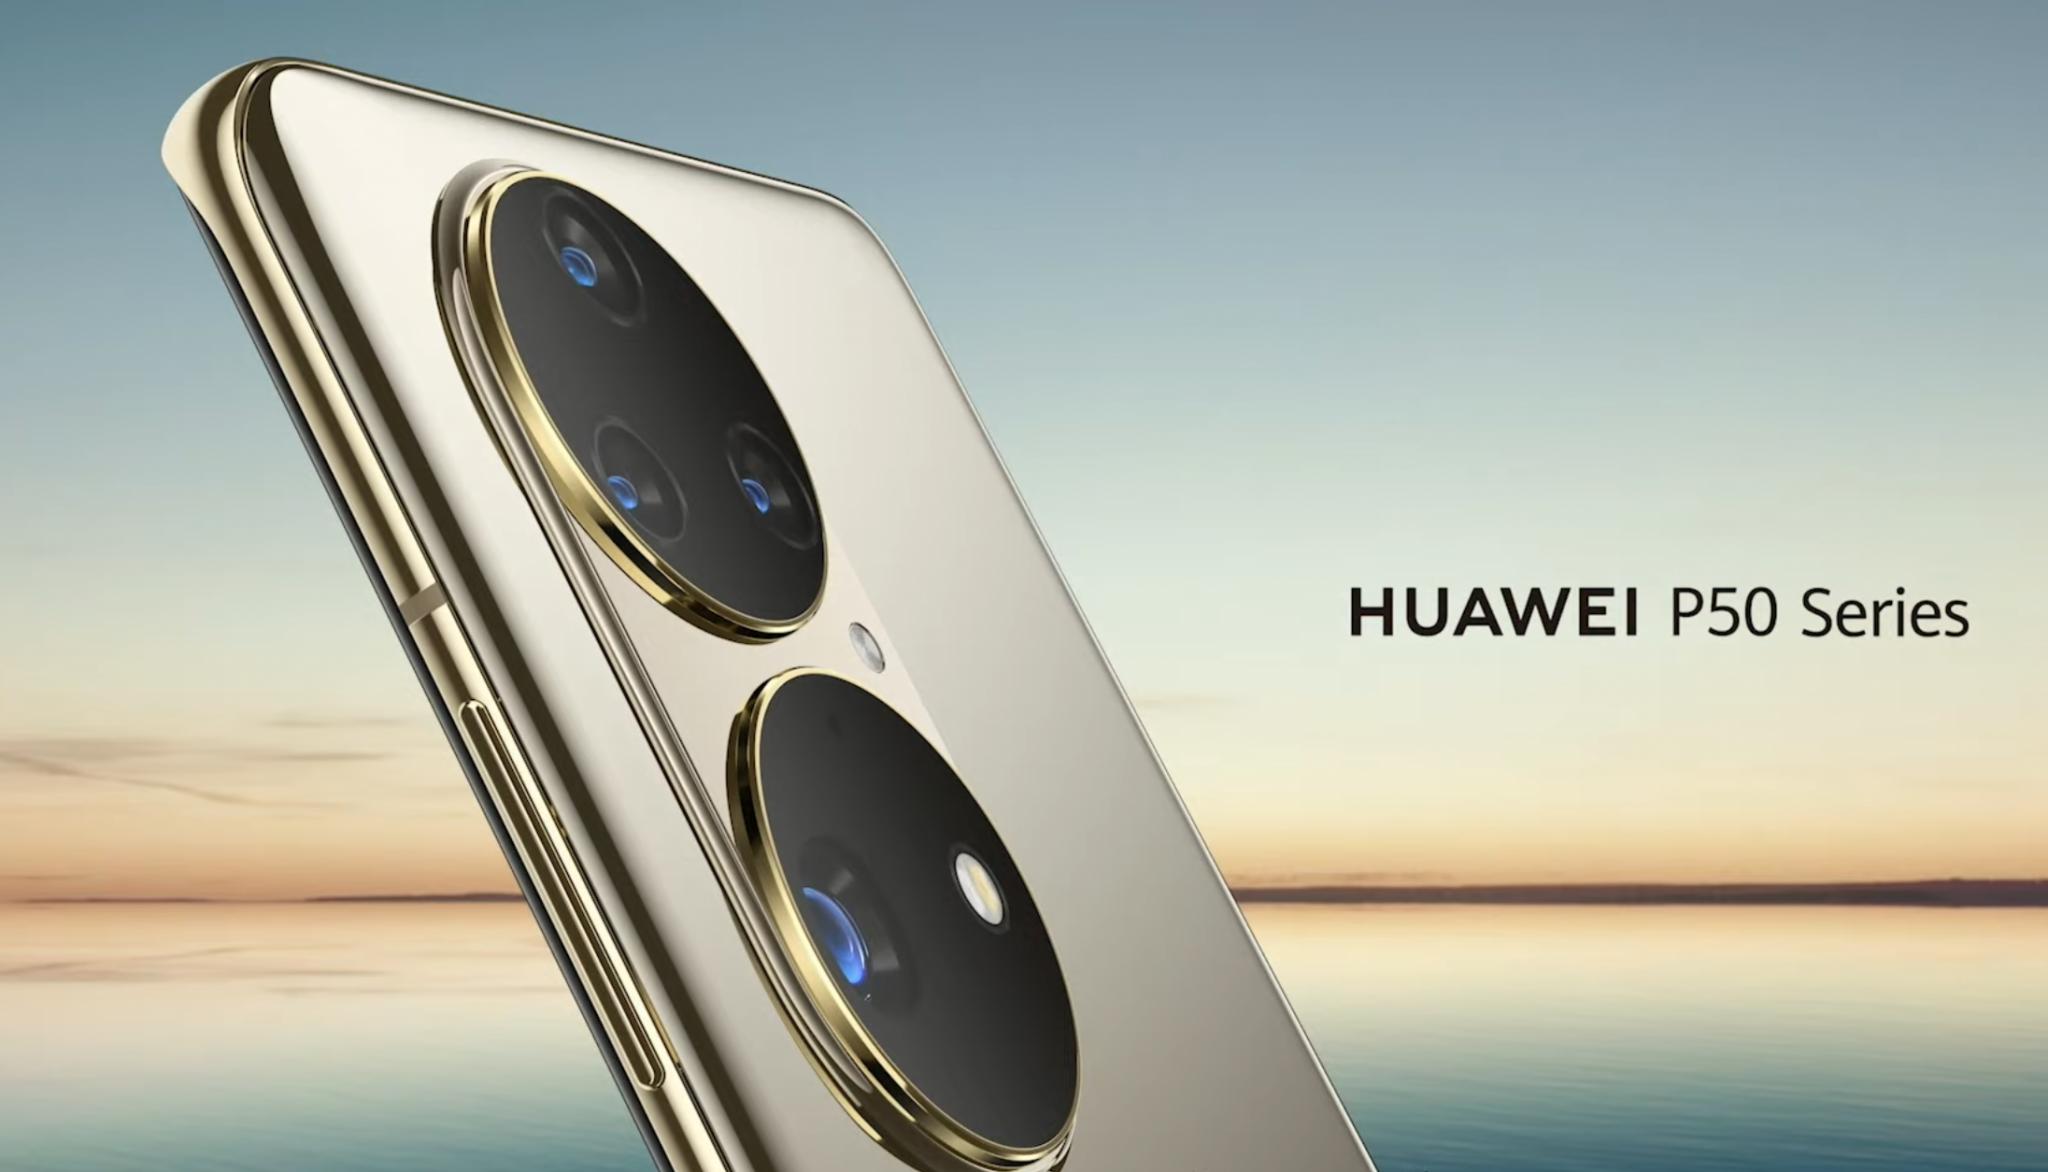 Huawei rinuncia al Mate 50 per concentrarsi sul lancio del flagship P50